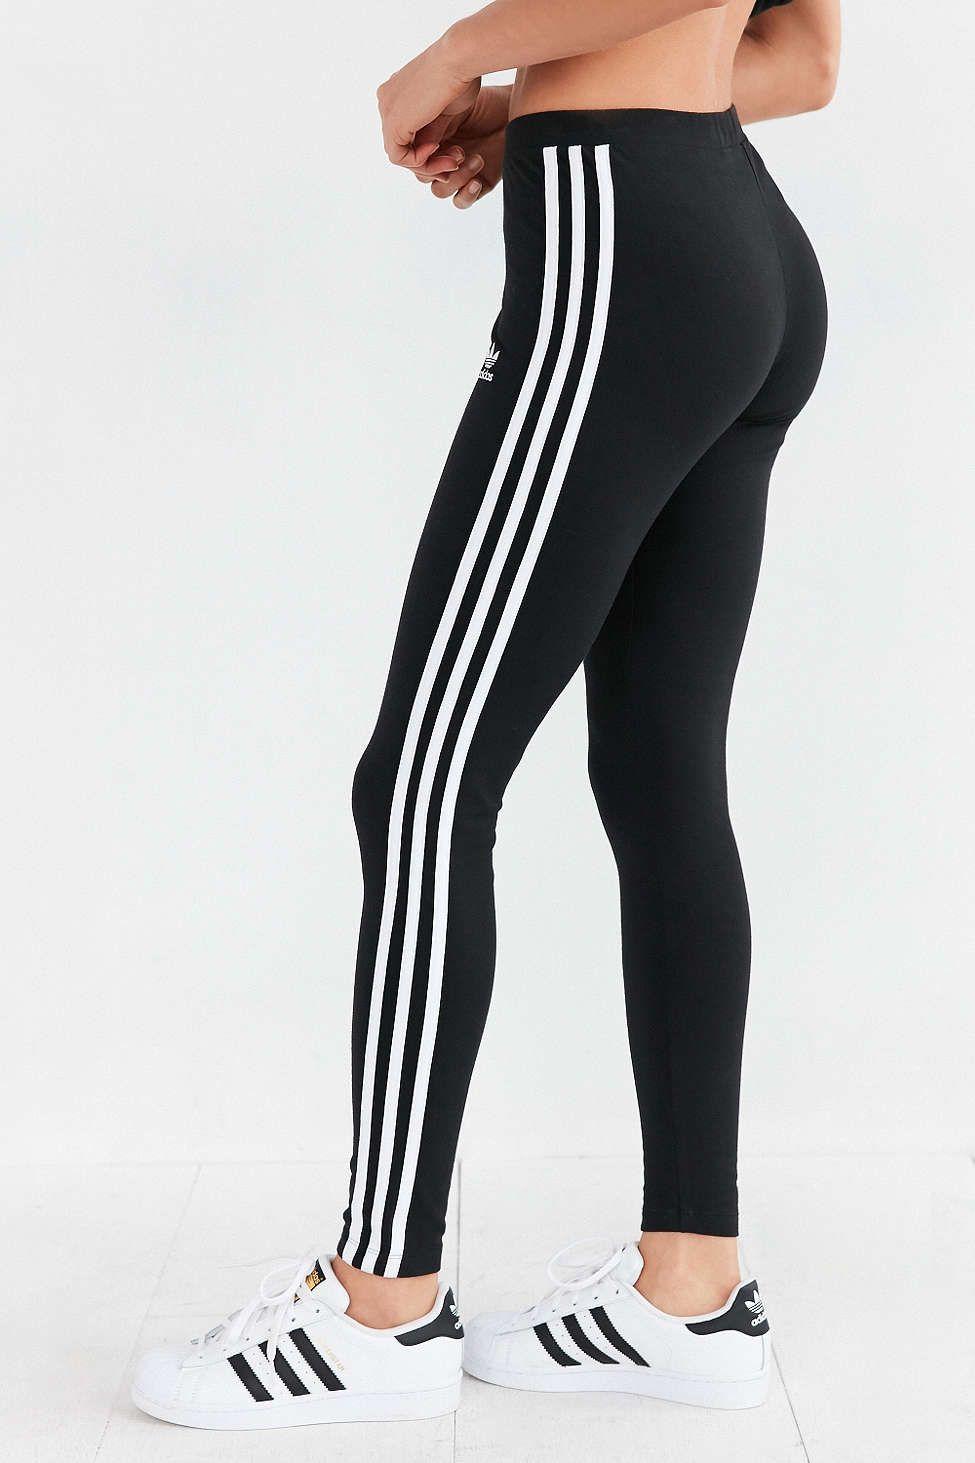 Short long femme intersport - Vetement fitness et mode e9738d97dd3